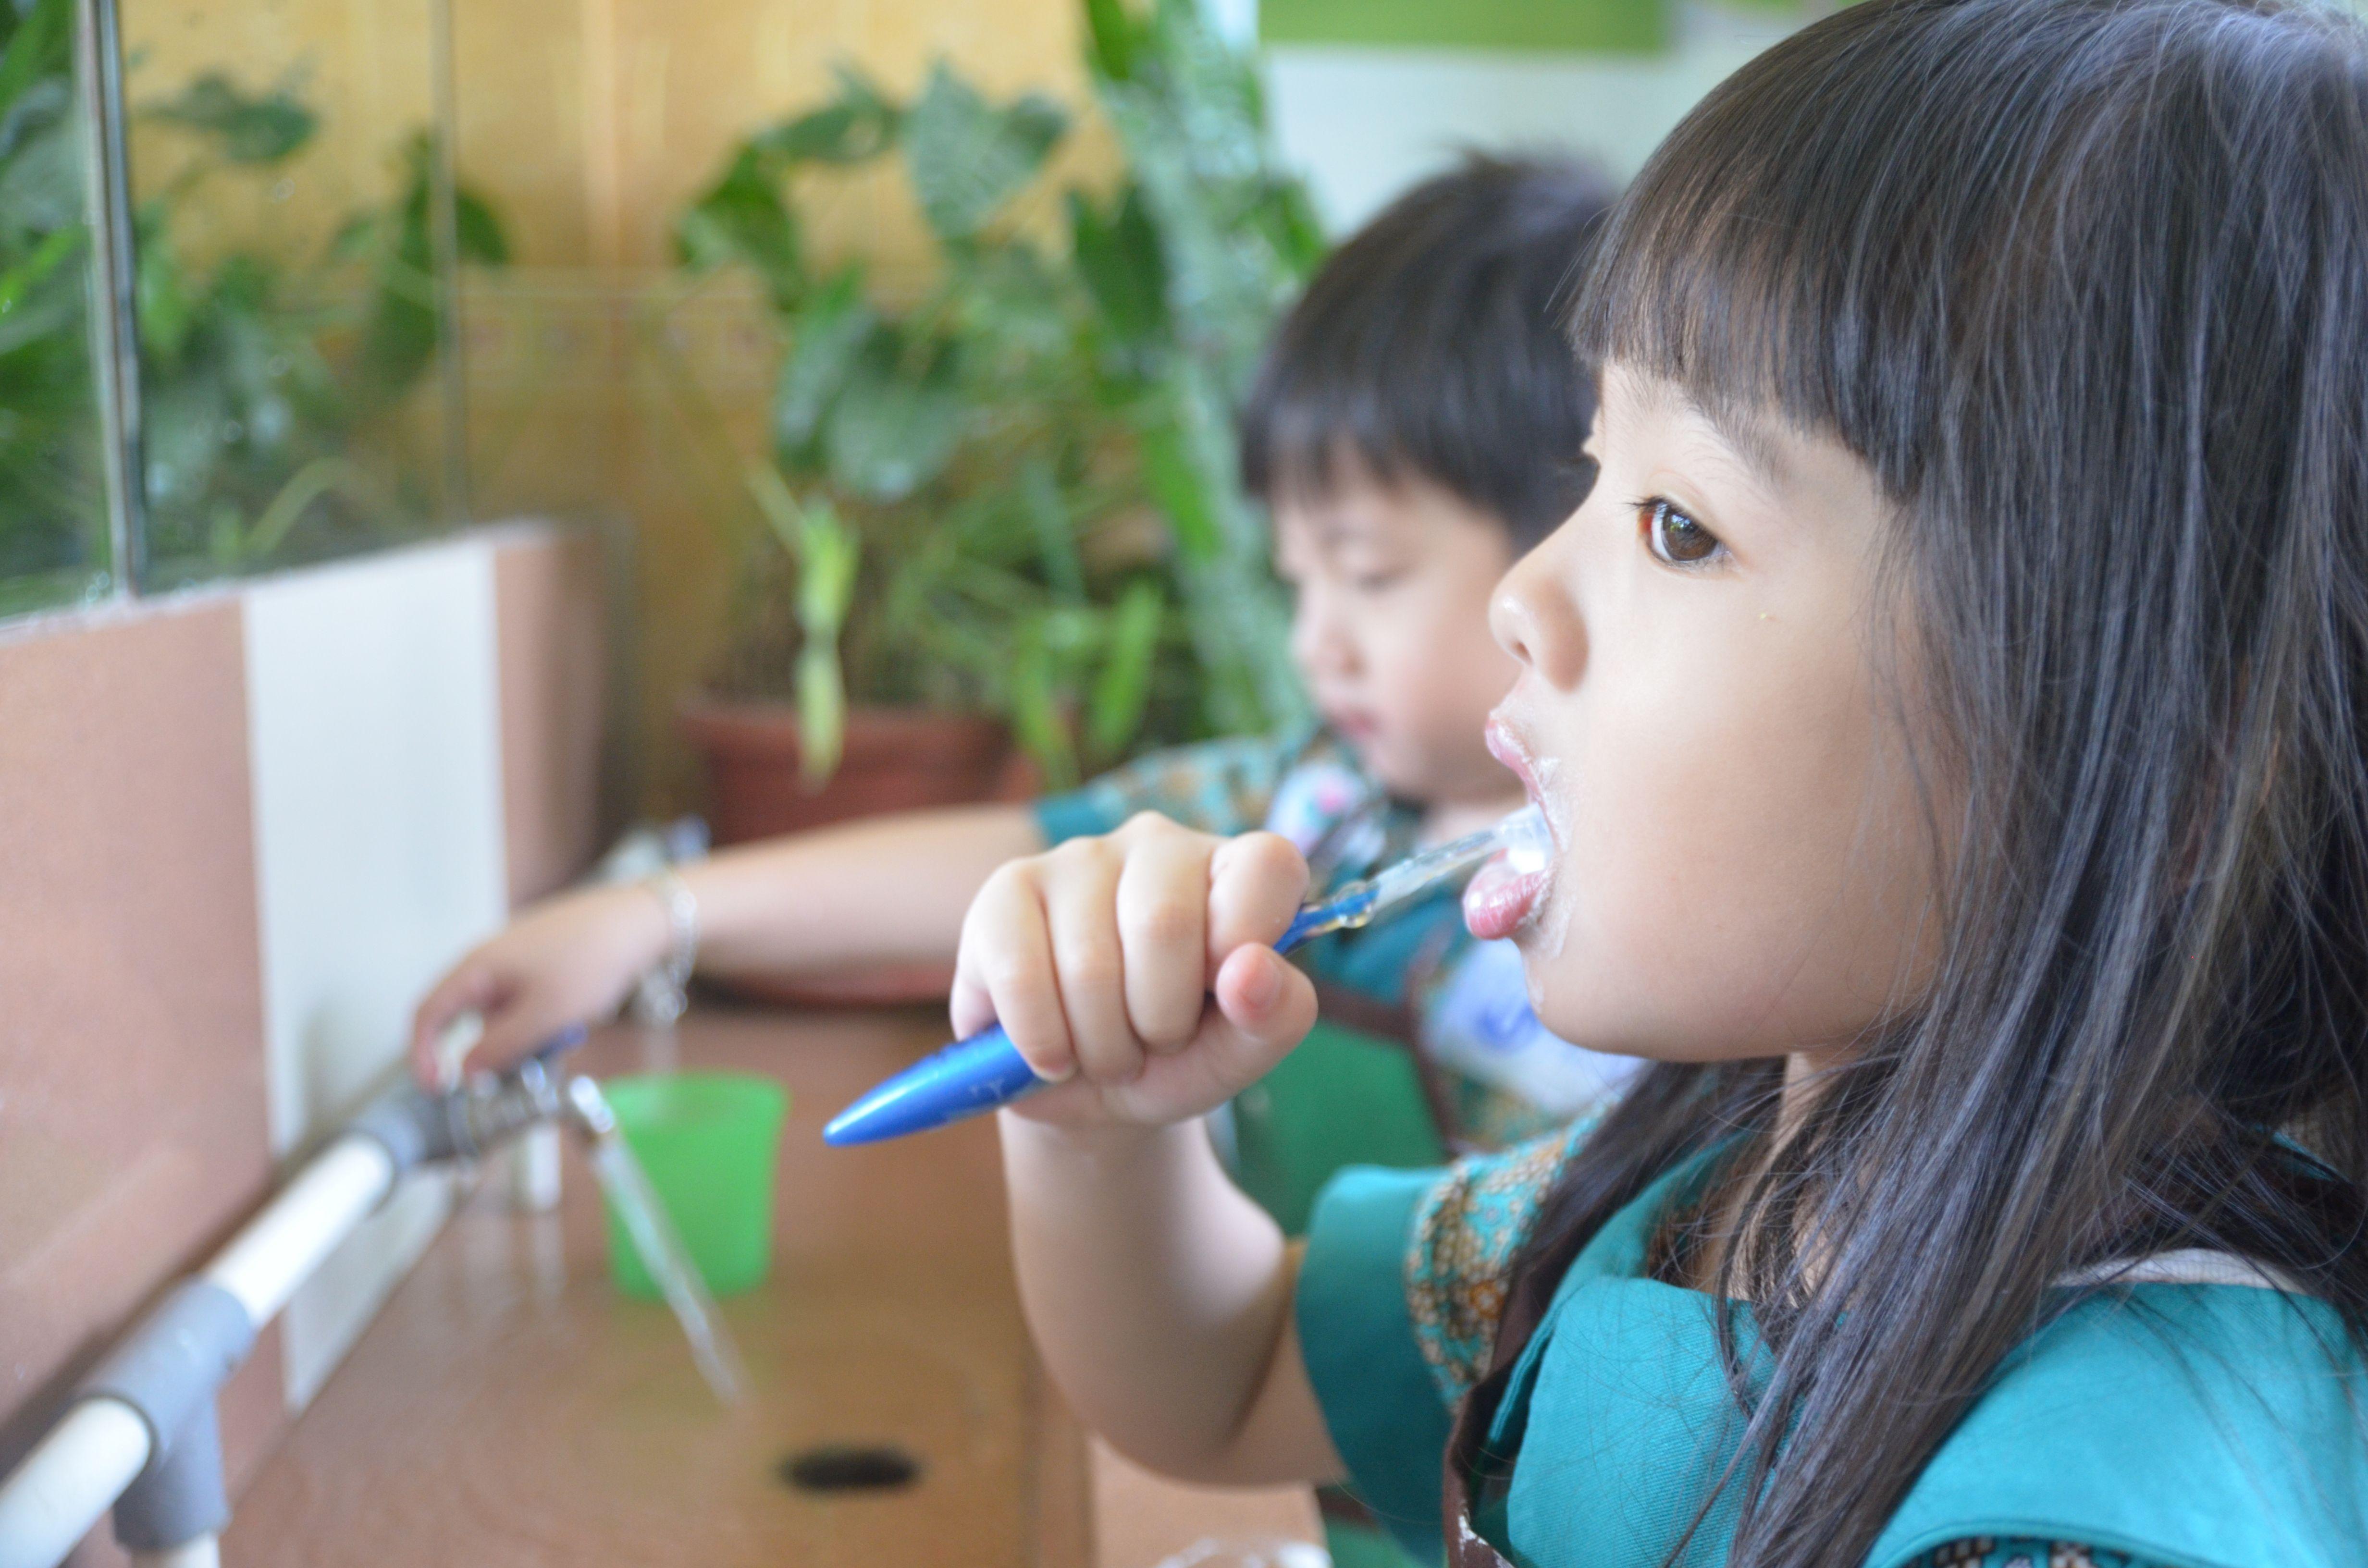 cara mengobati sakit gigi di rumah